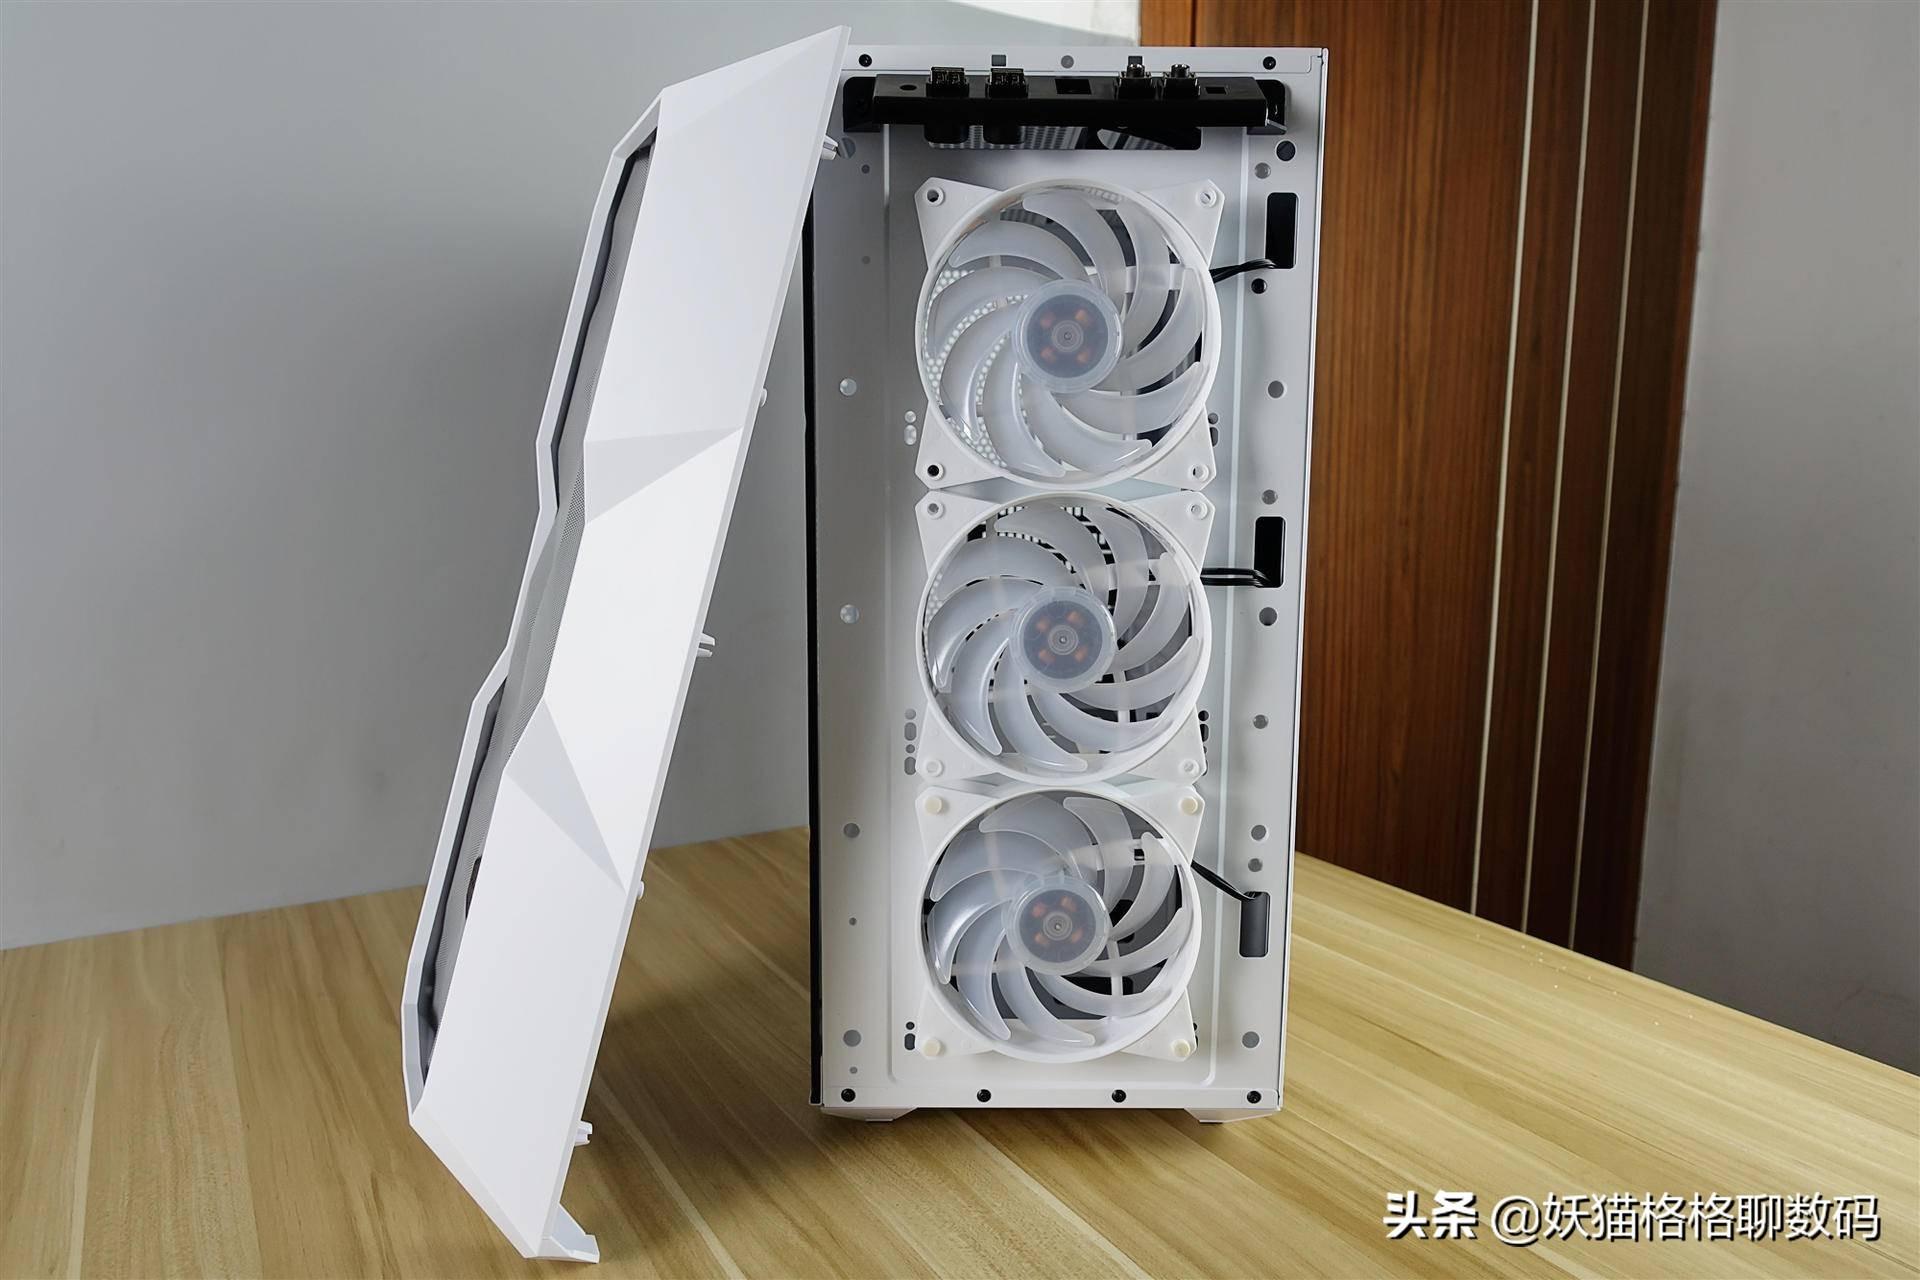 国产电脑机箱哪个牌子好(高颜值且好用的国产机箱)